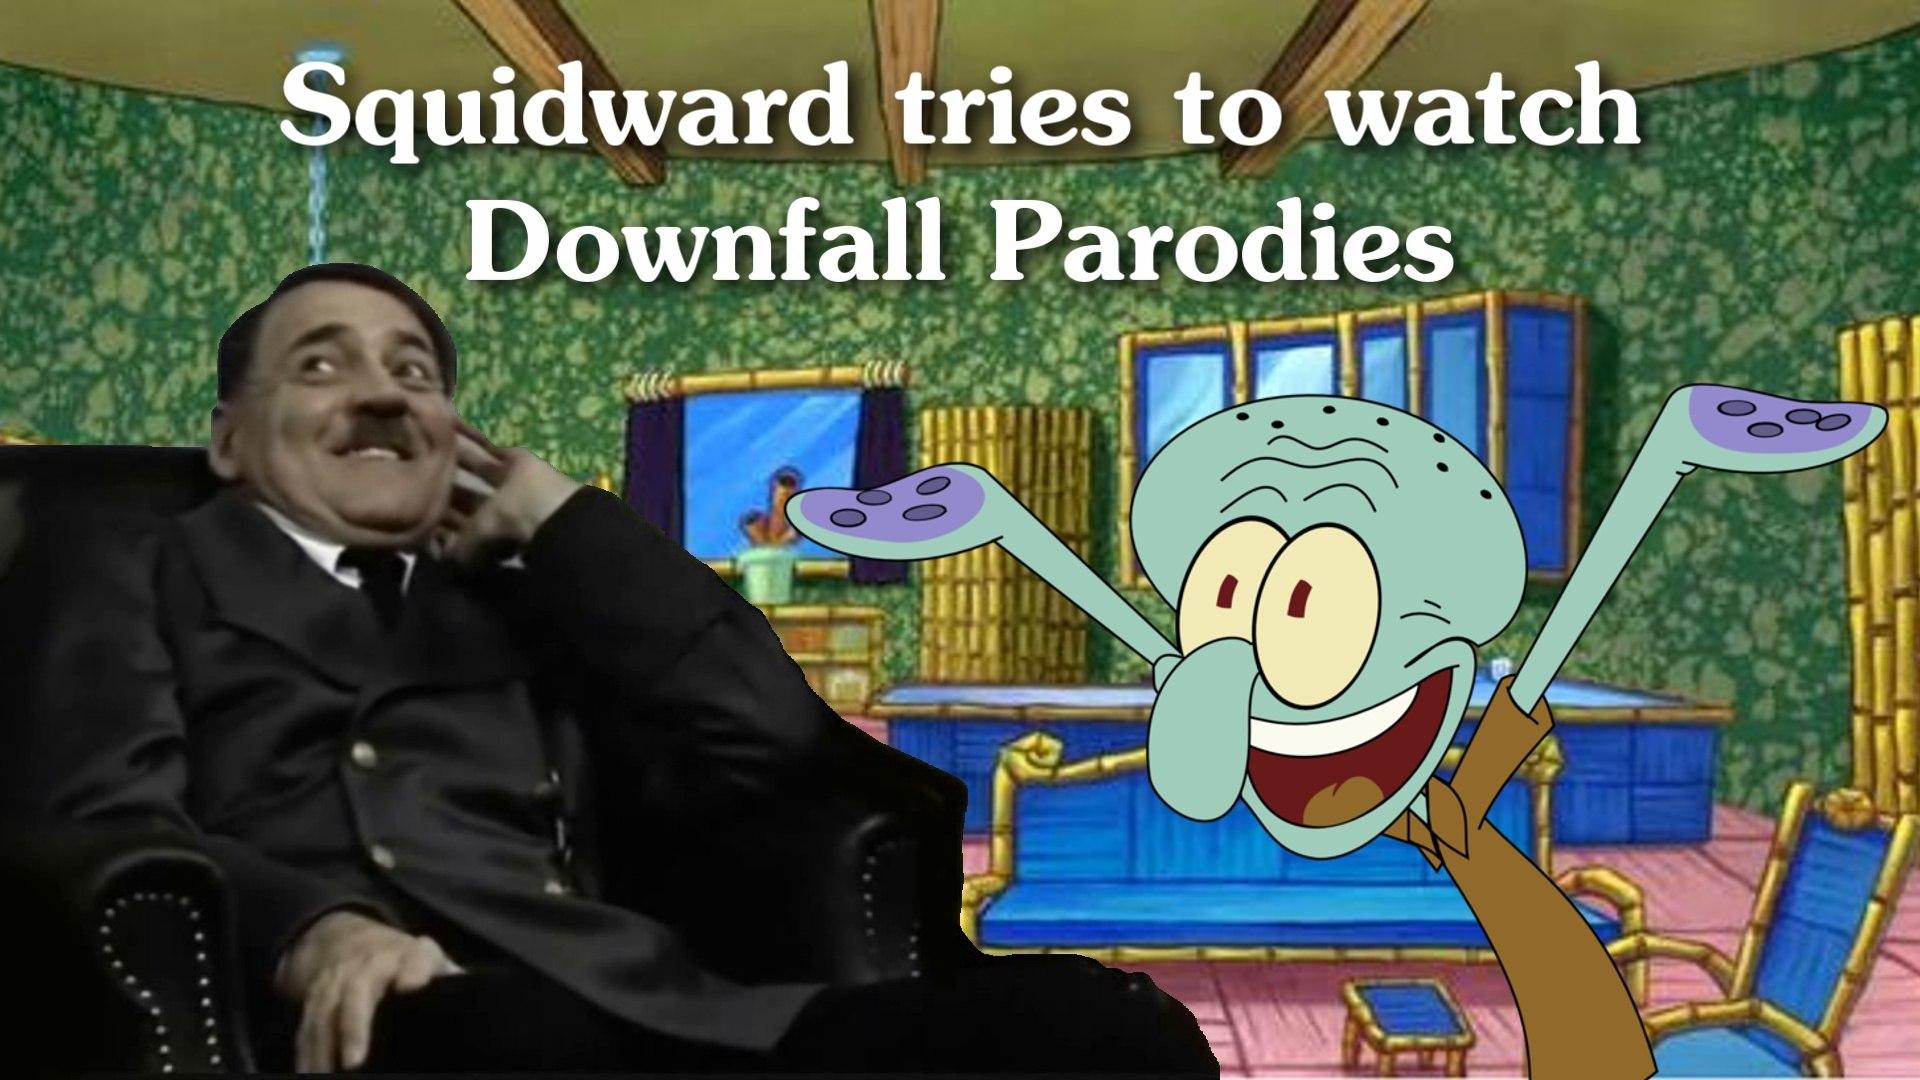 Squidward tries to watch Downfall Parodies